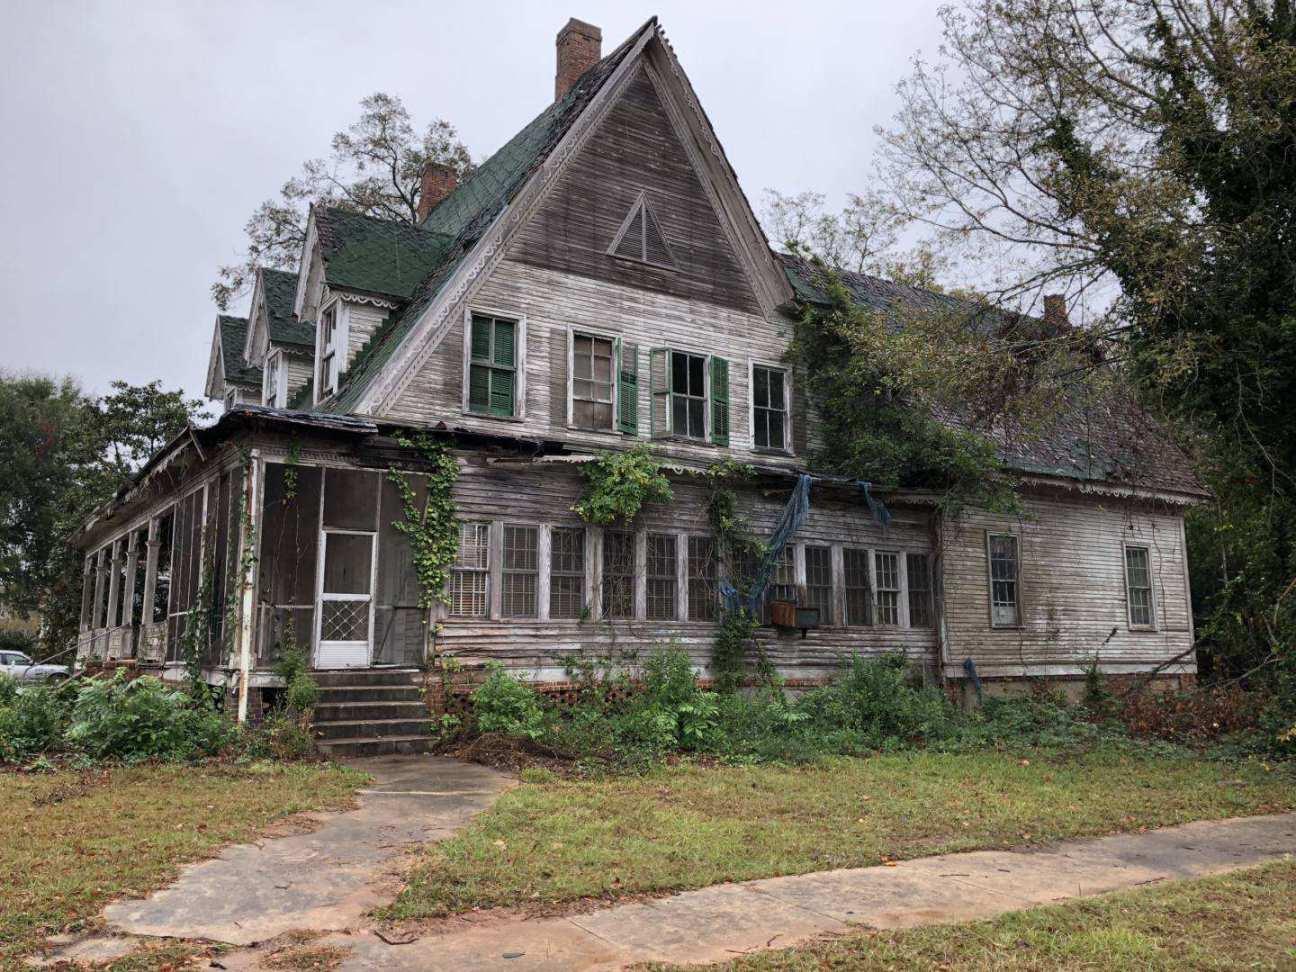 Georgia 1876 Gothic Revival Fixer Upper